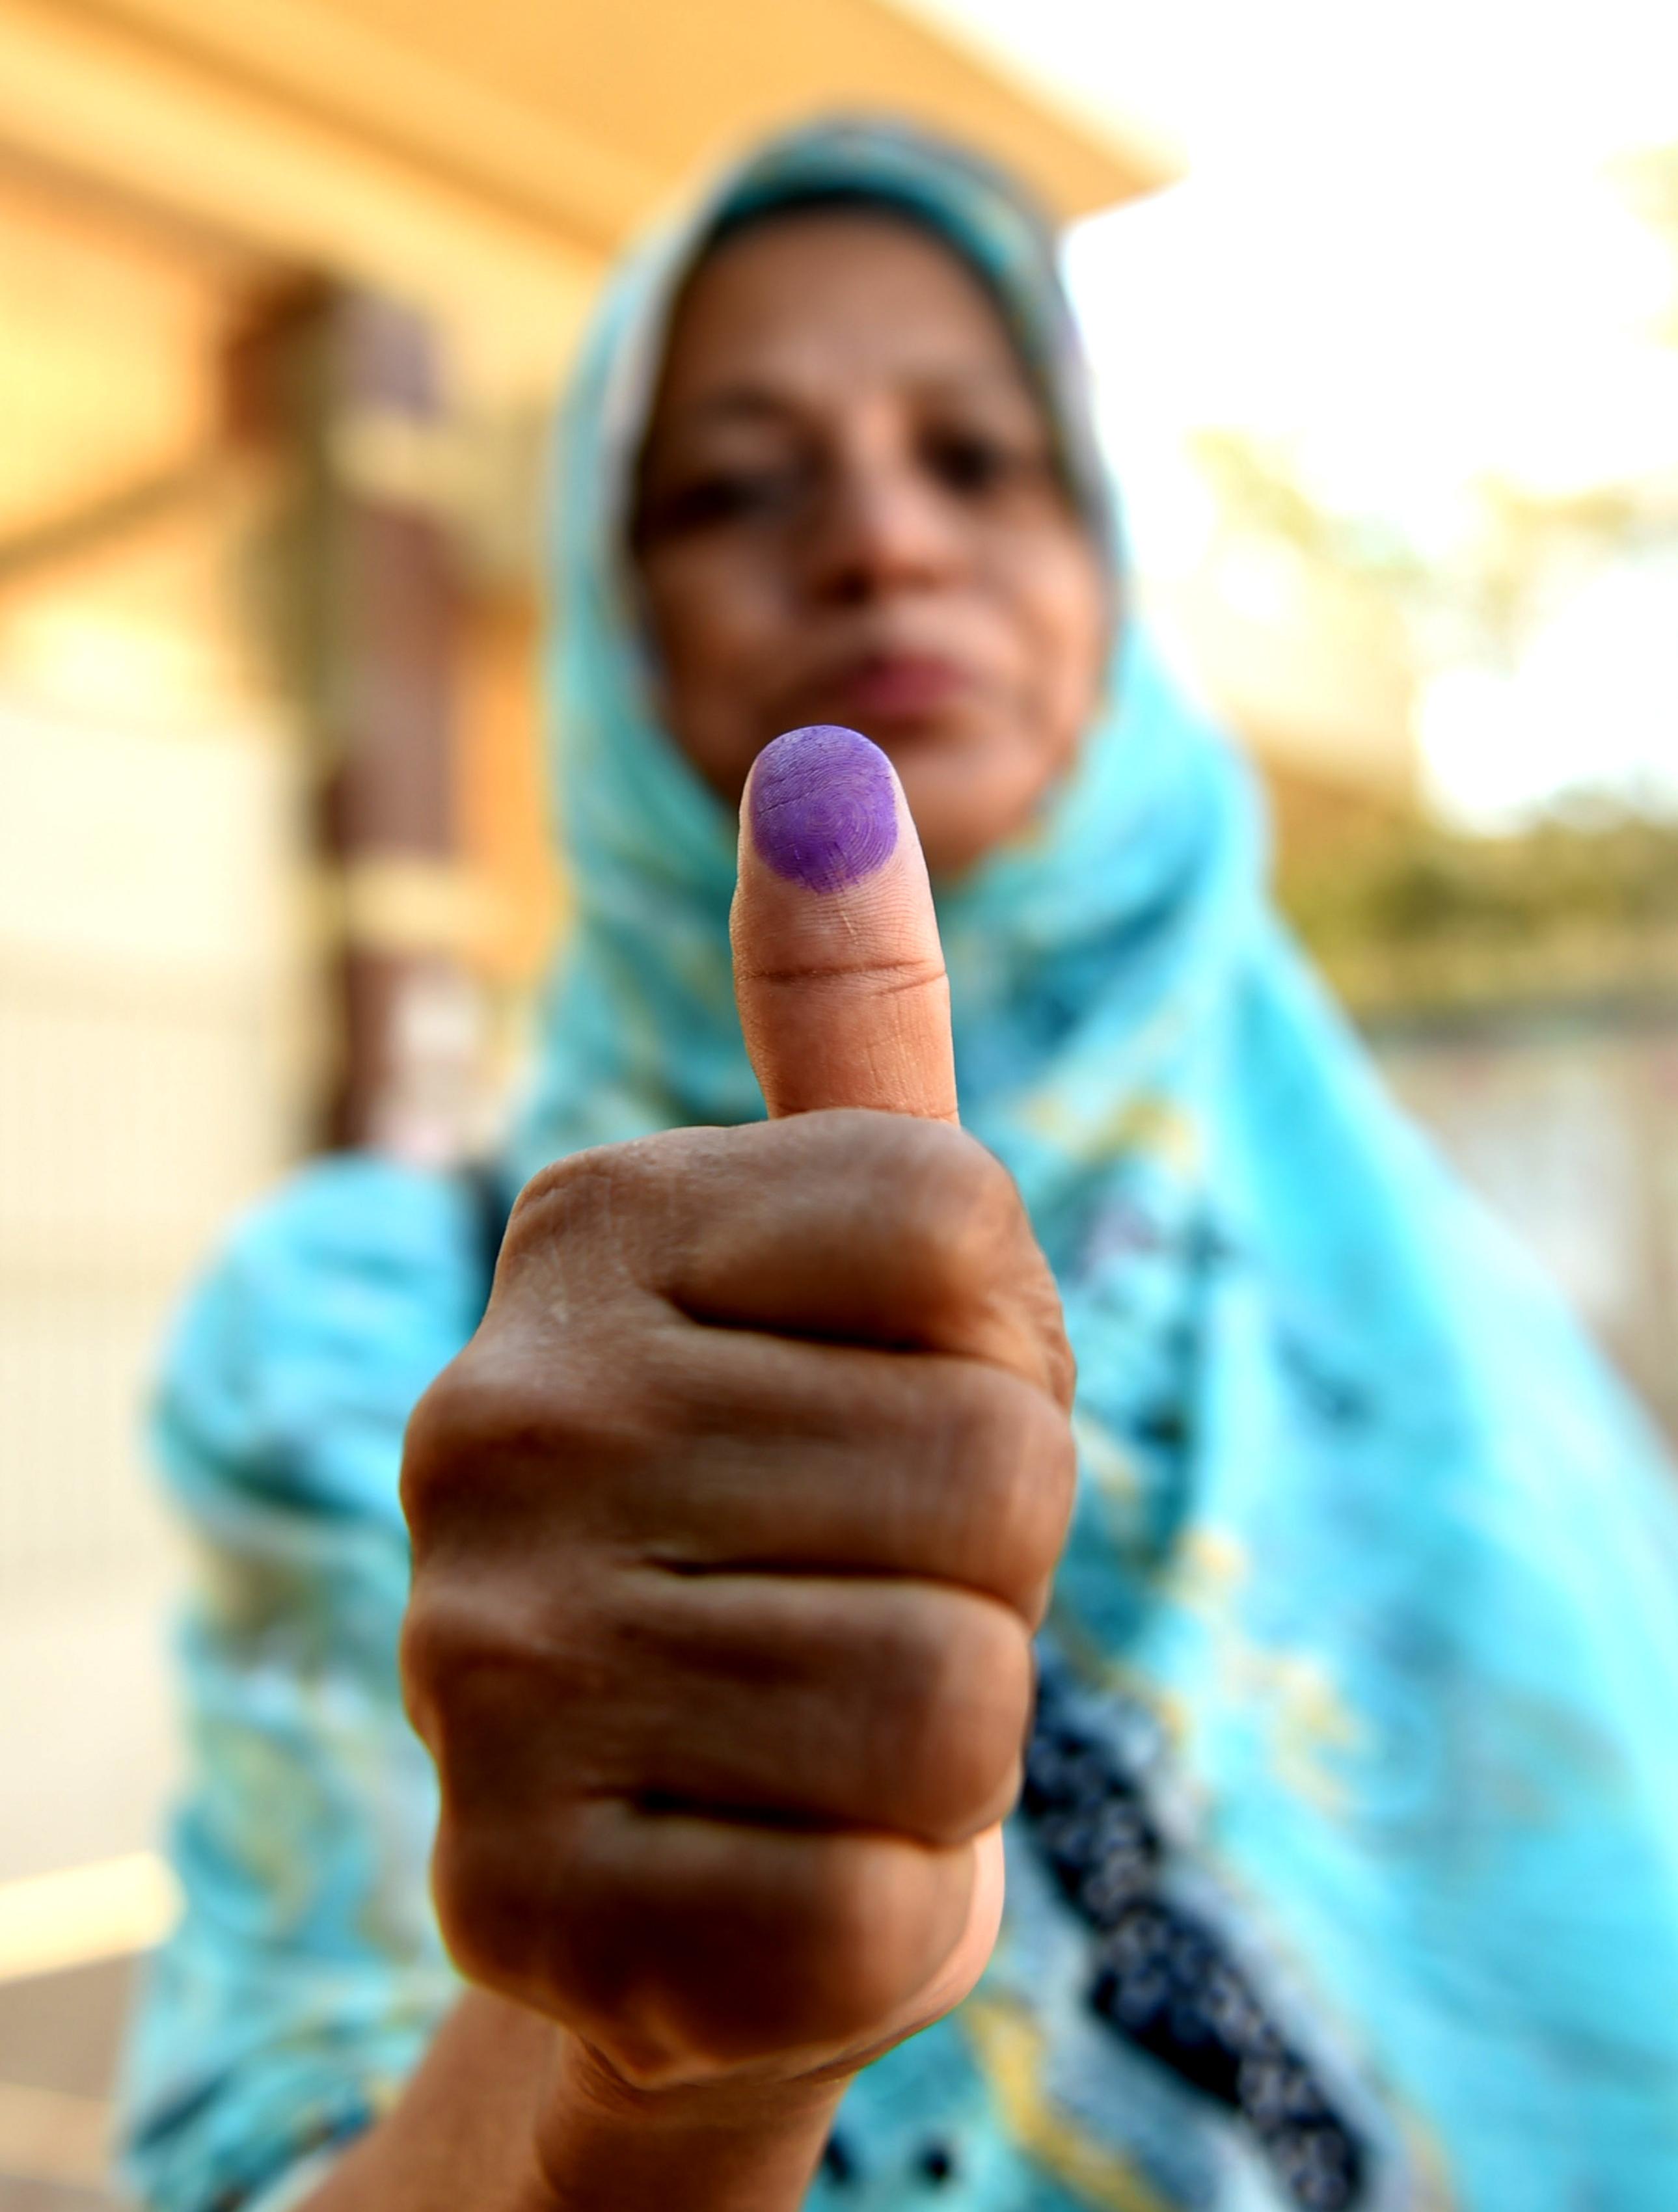 پاکستان نے نگران حکومت متعین کر دی، عام انتخابات کی تاریخ طے پا گئی